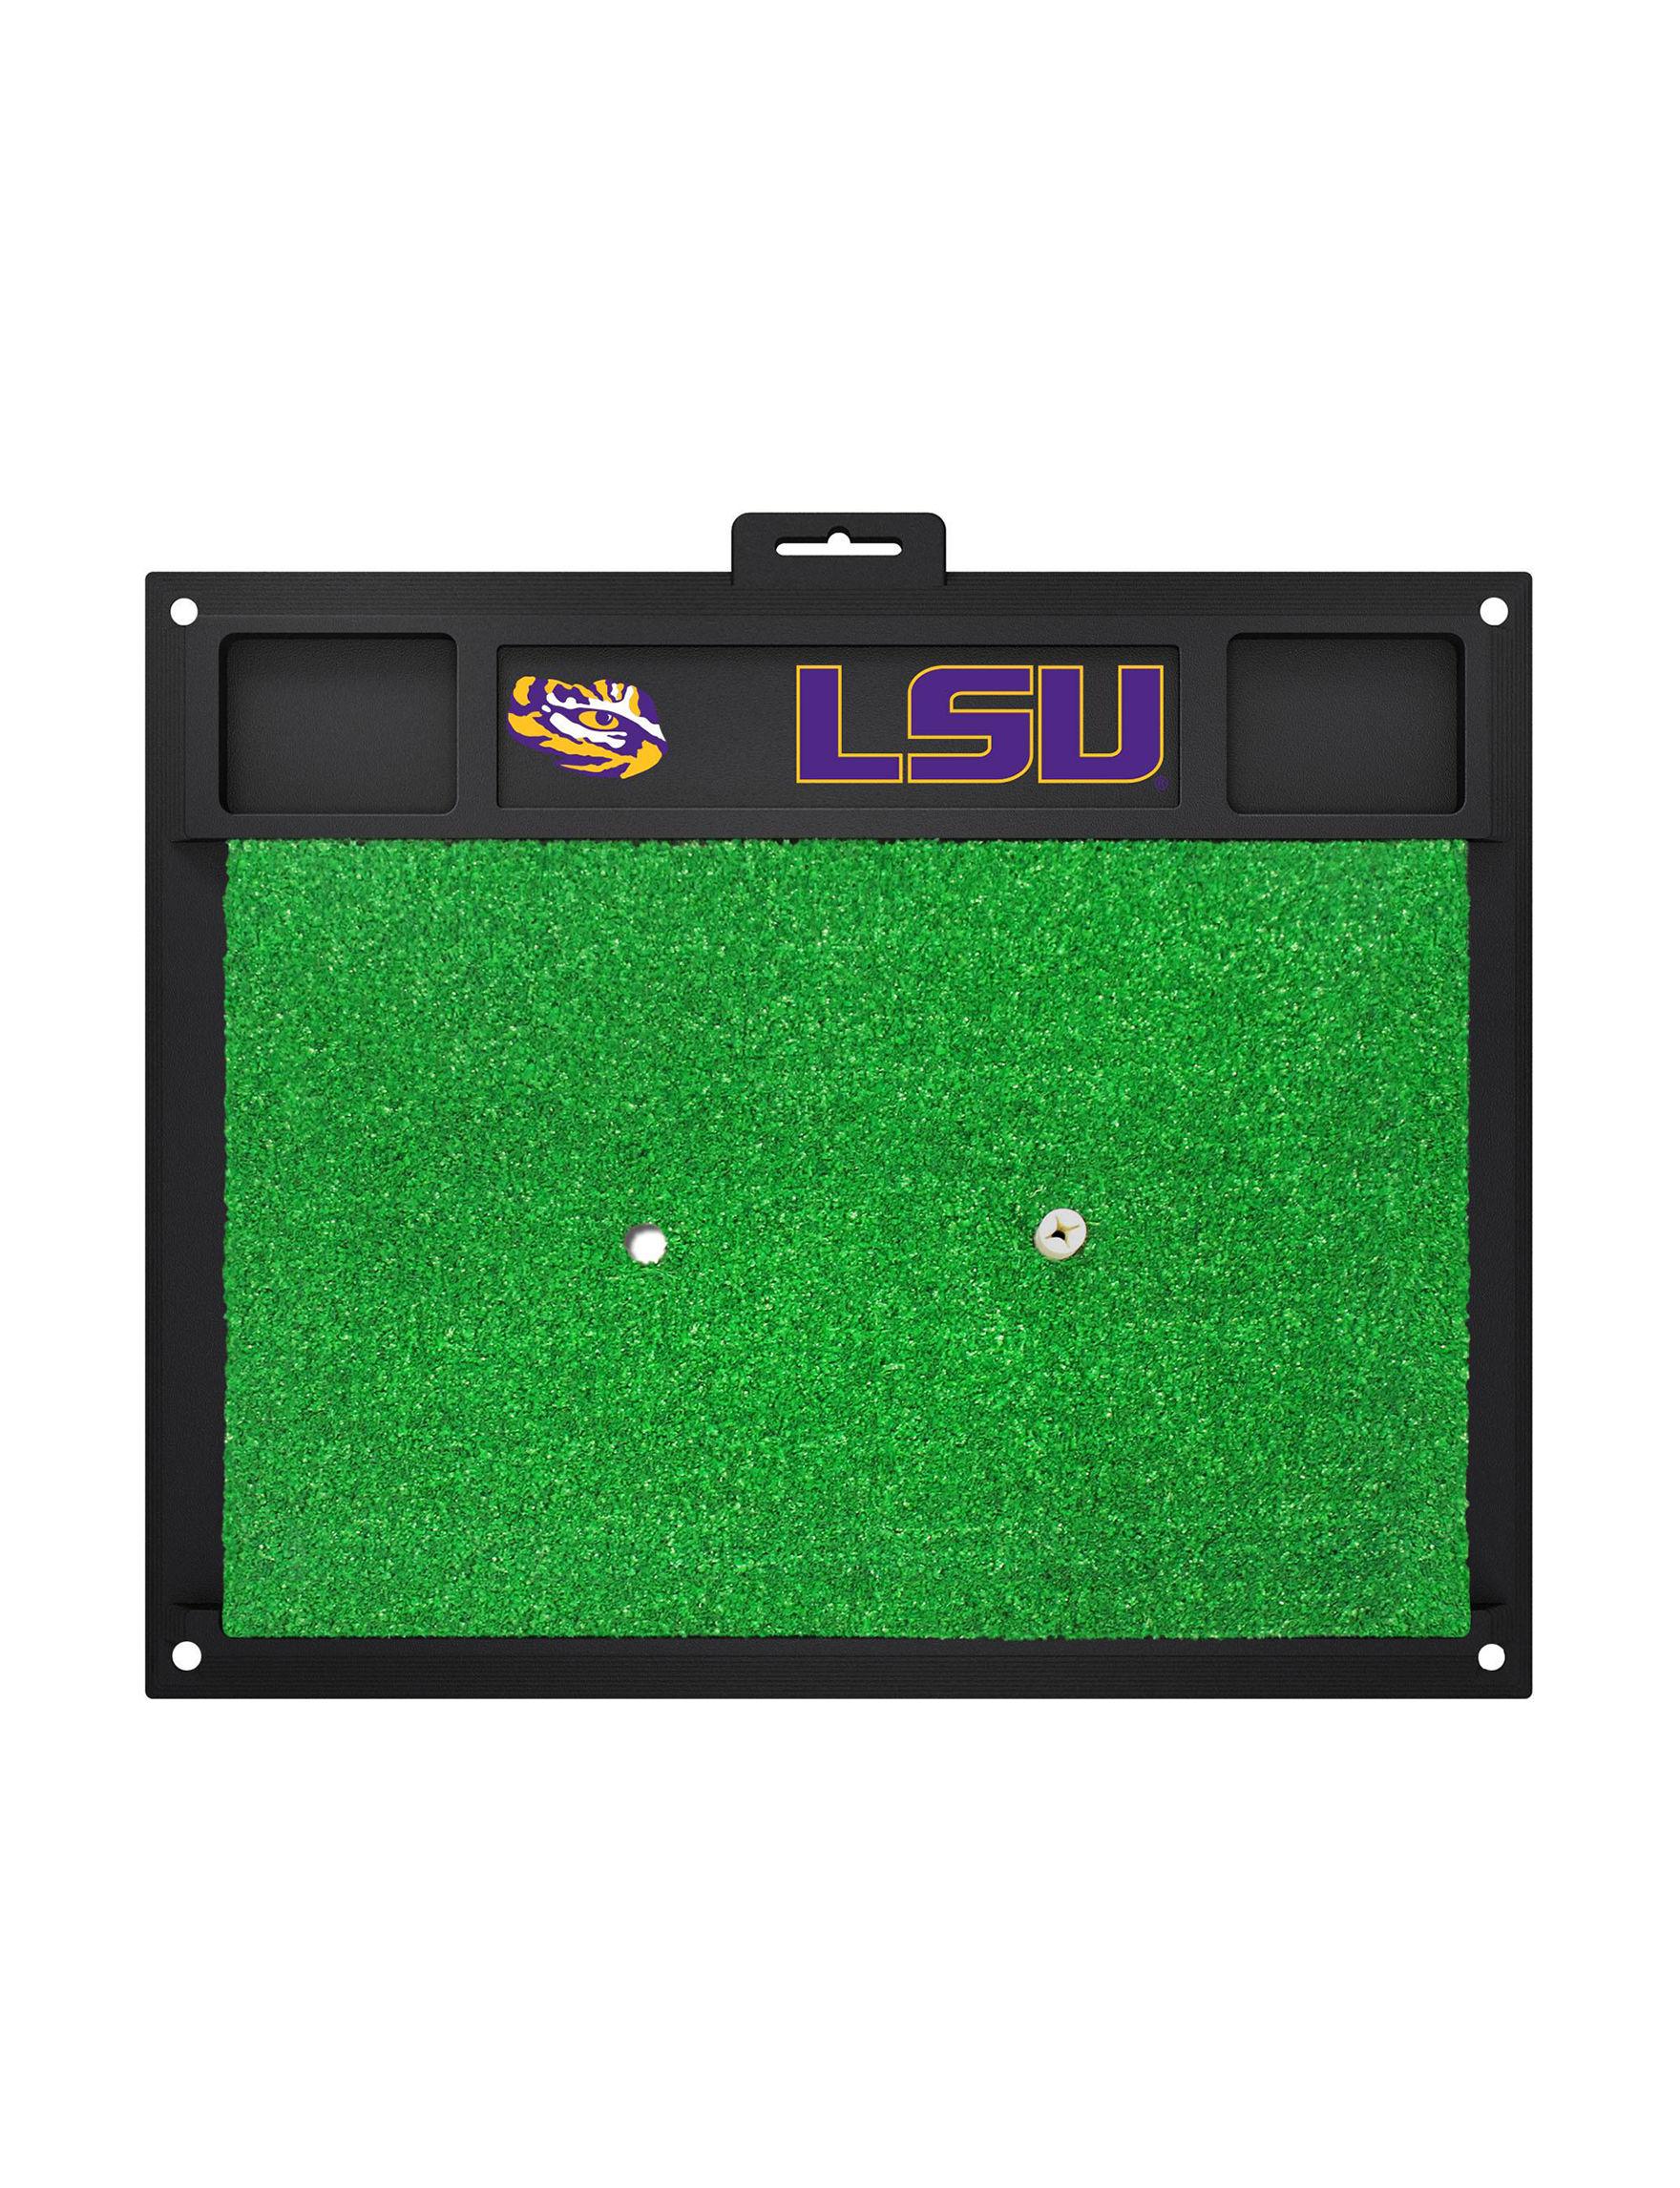 Fanmats Purple / Yellow Outdoor Rugs & Doormats Outdoor Decor